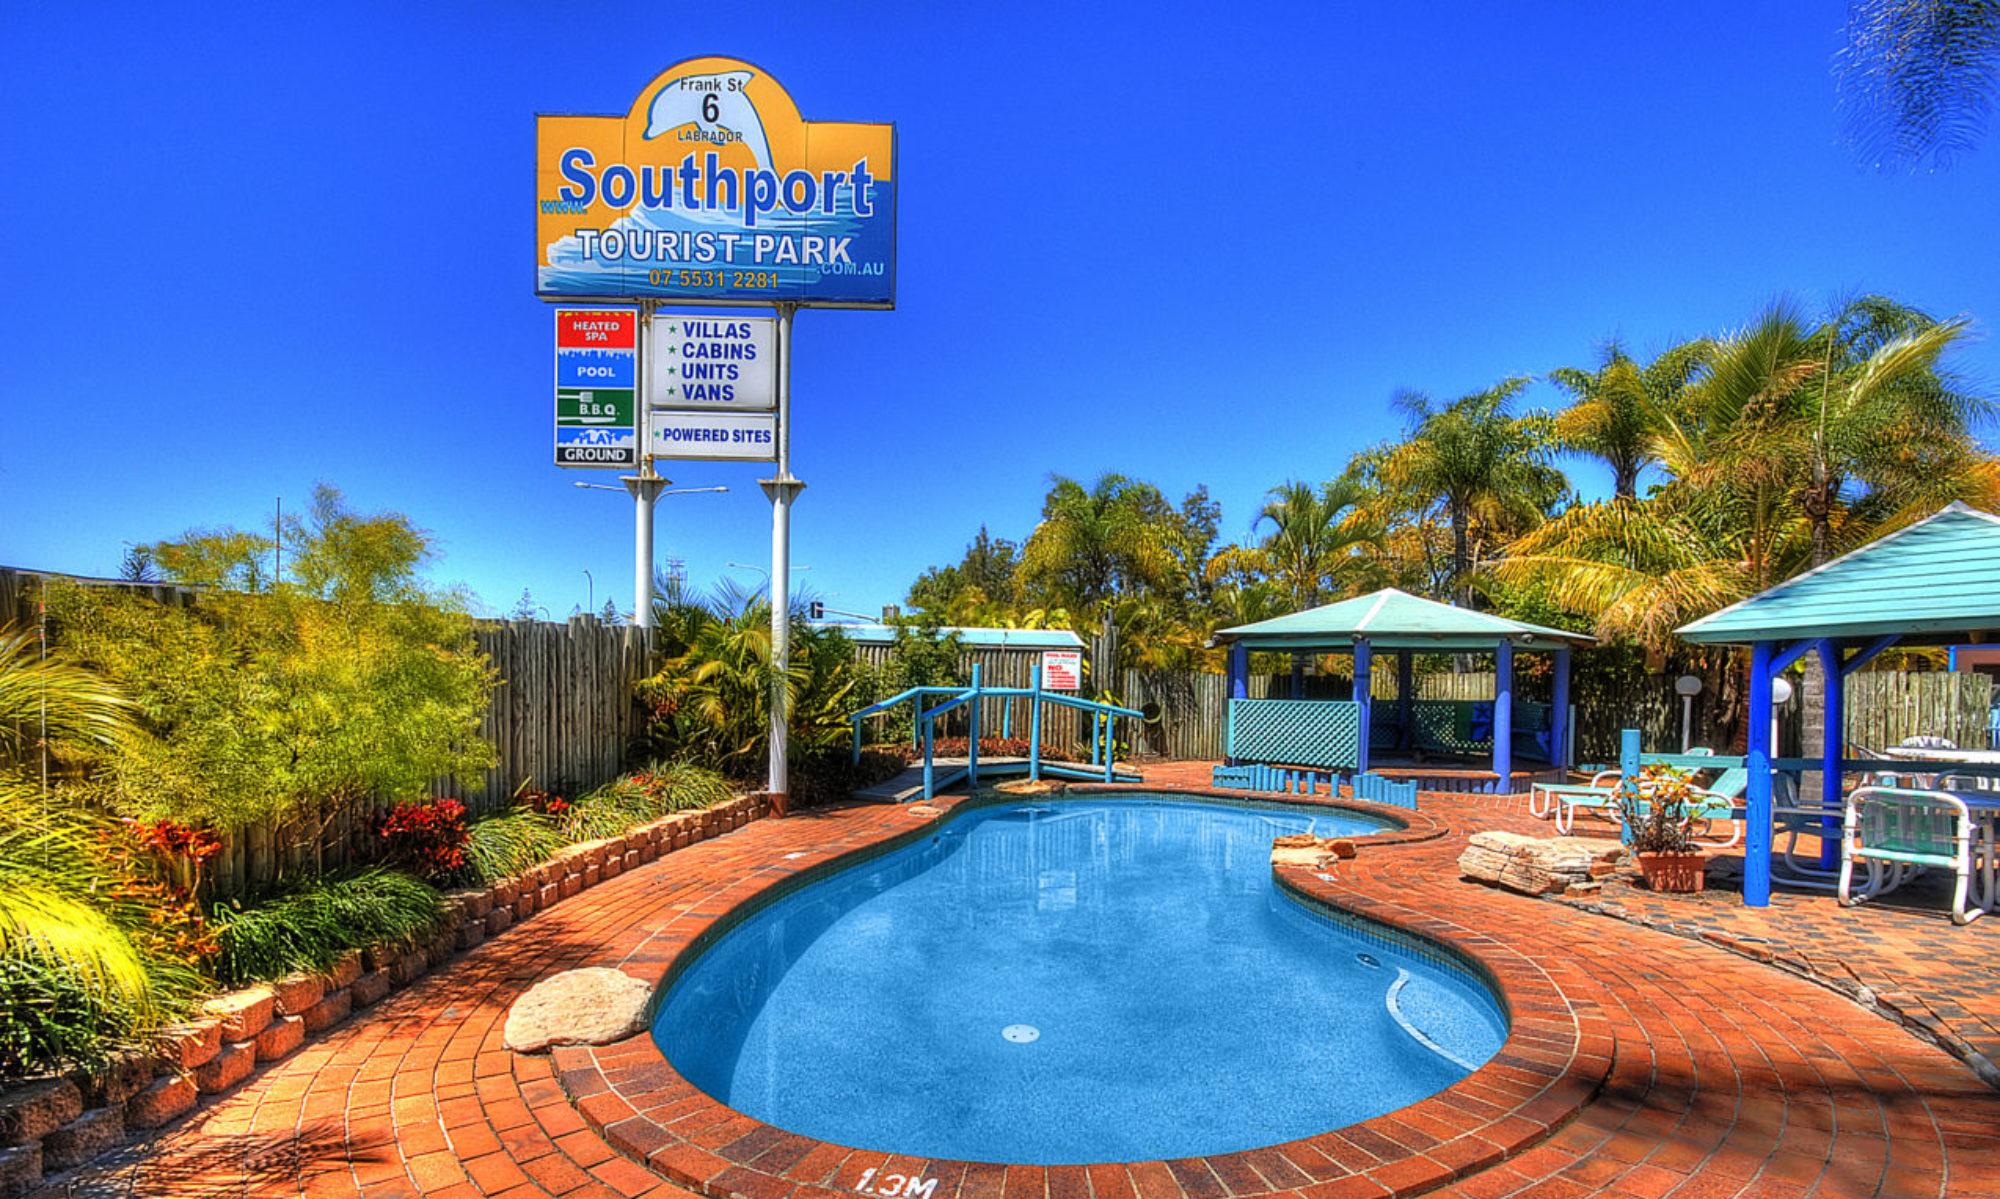 Southport Tourist Park